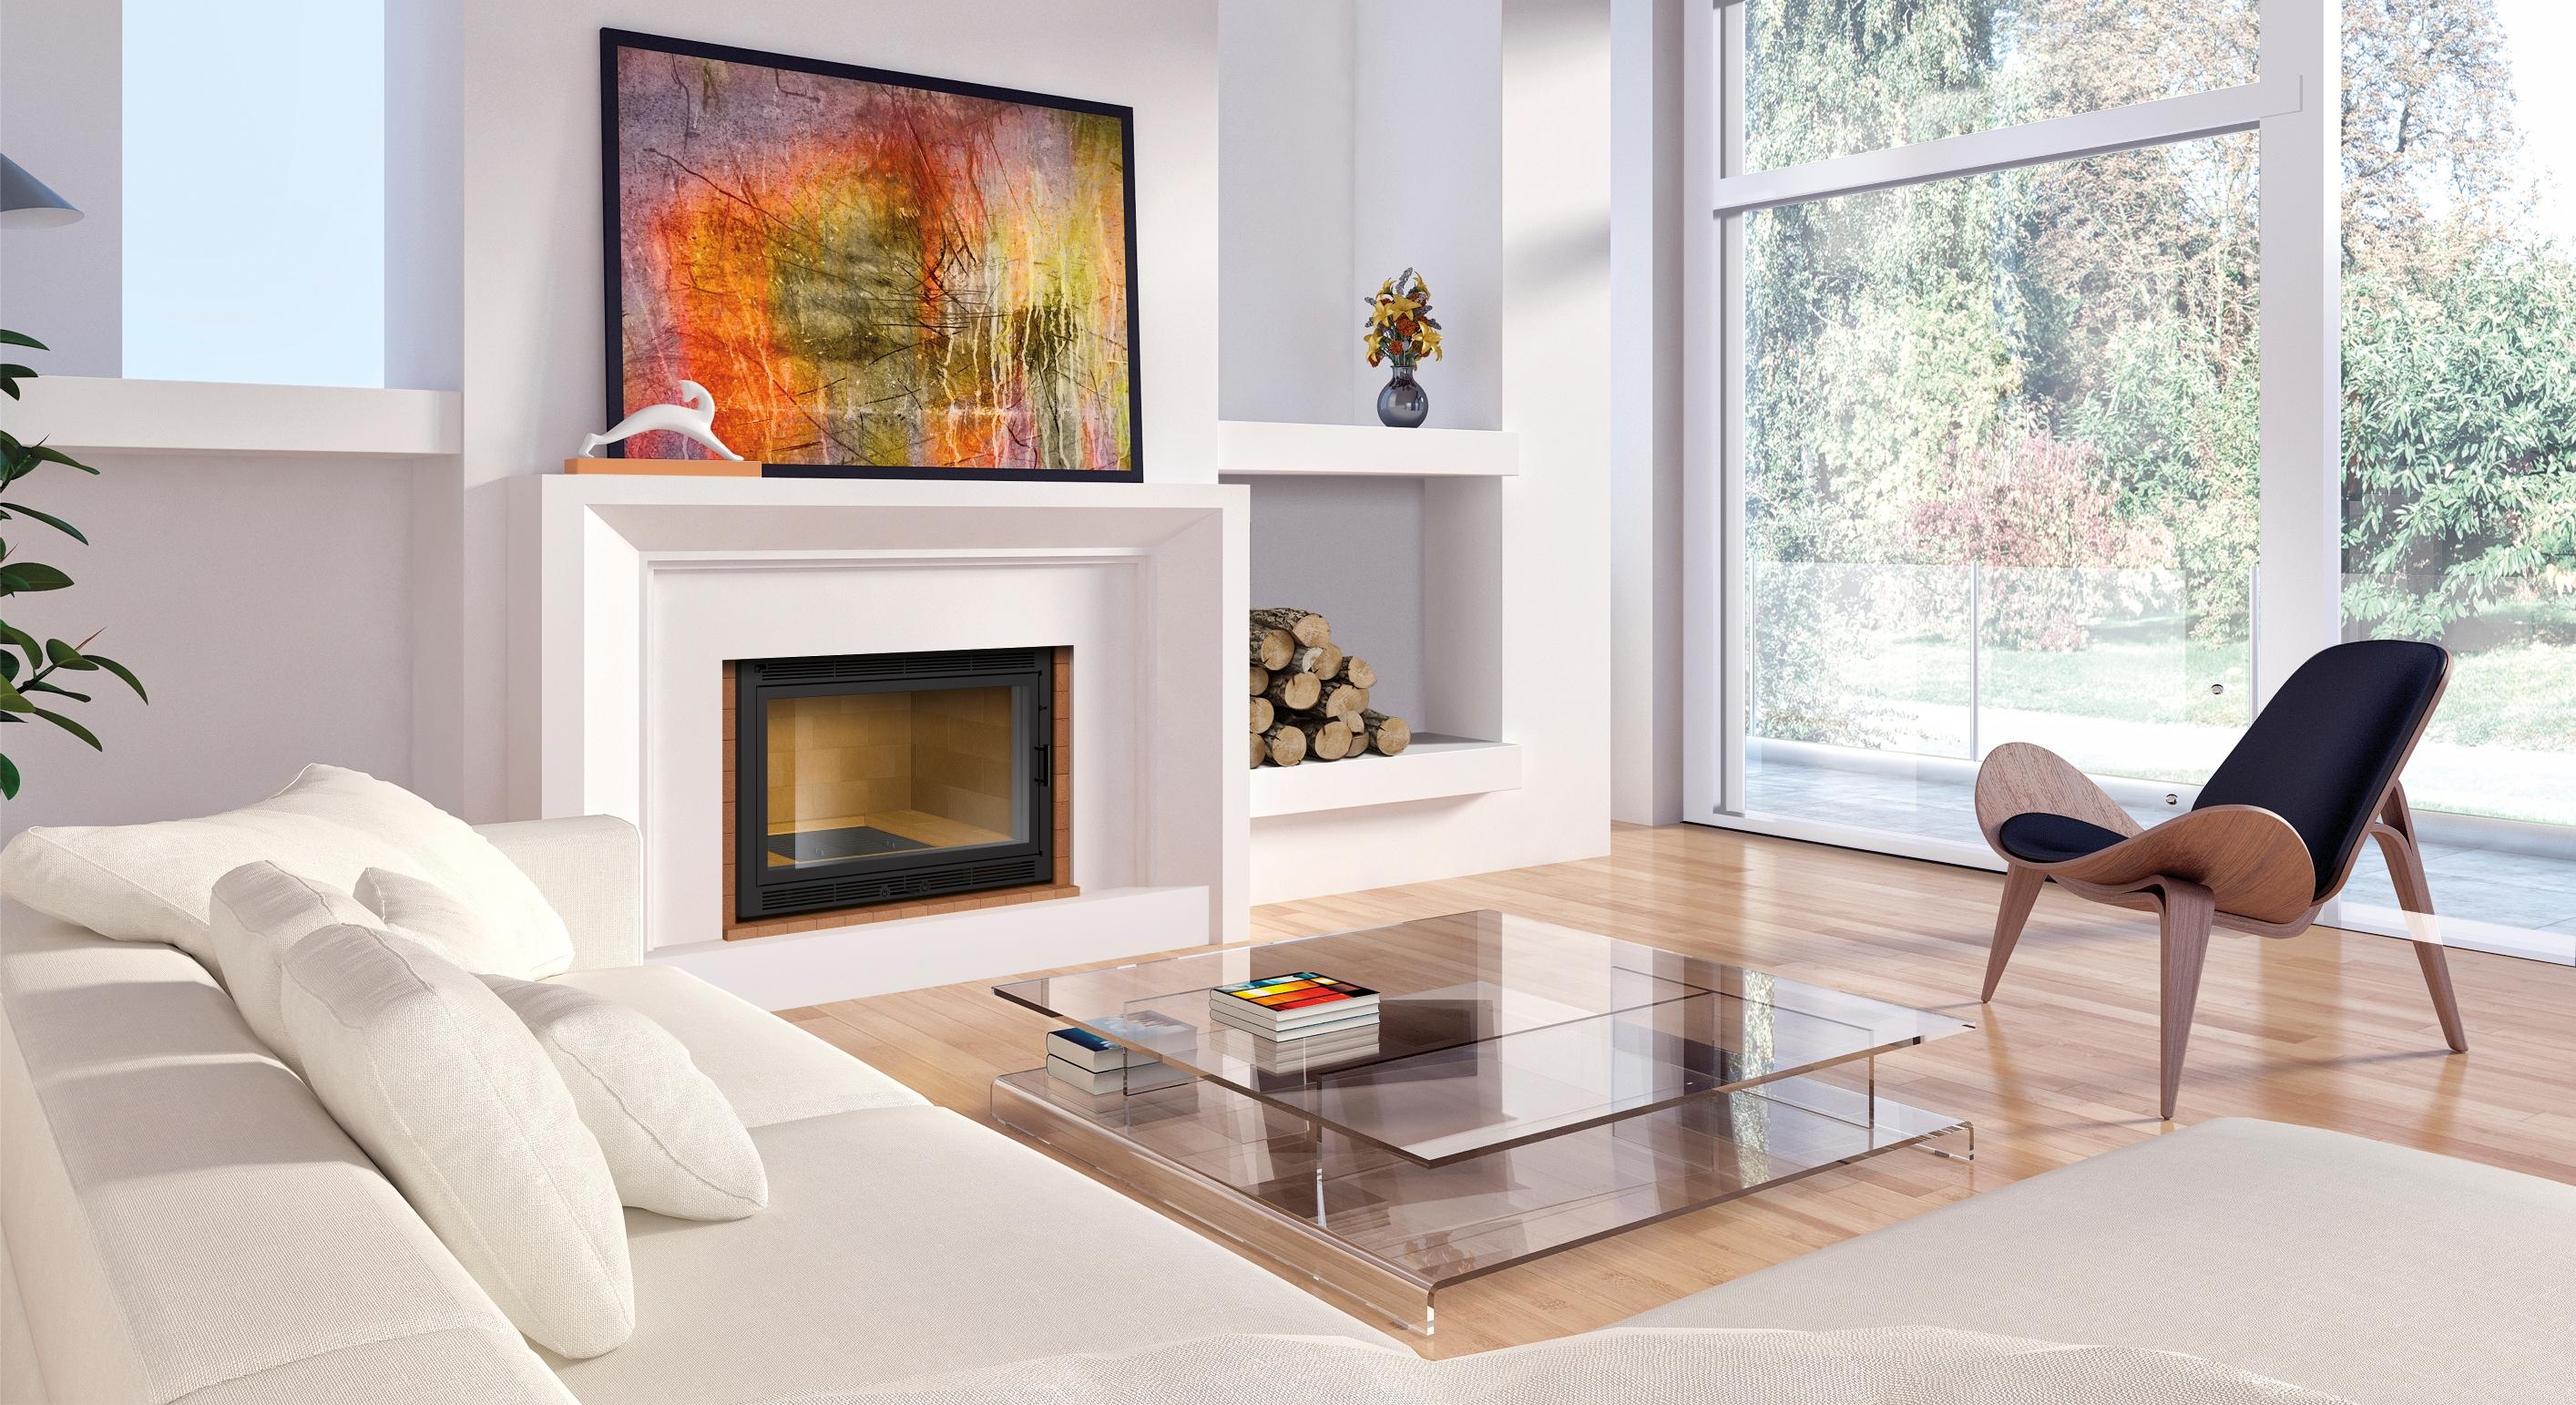 insert de chemin e sur mesure 800 l x600 h x500 p 1 vitre 14kw acheter au meilleur prix. Black Bedroom Furniture Sets. Home Design Ideas